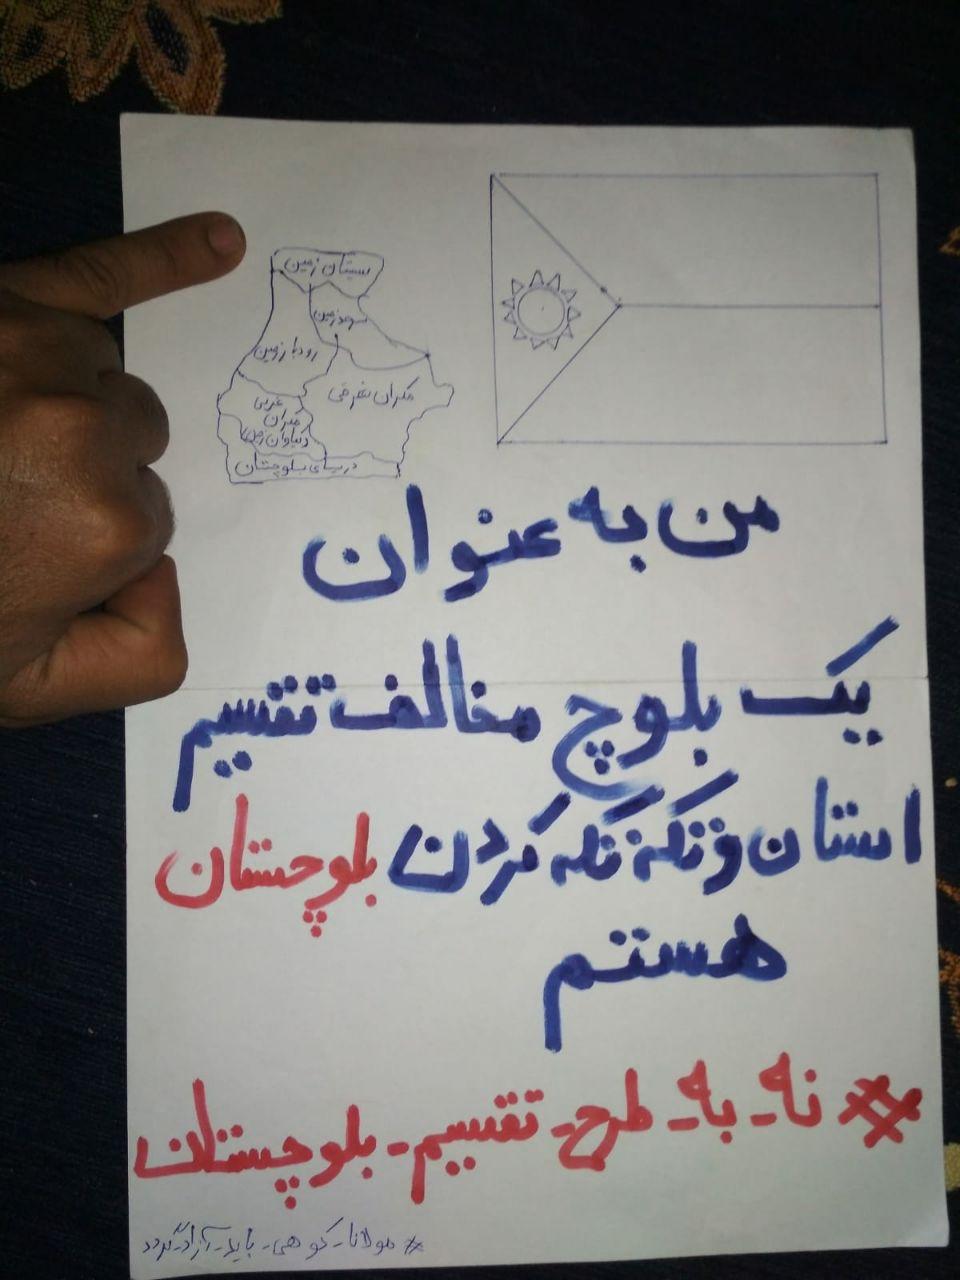 اعلام مخالفت مردم با طرح تجزیه و تصرف بلوچستان!